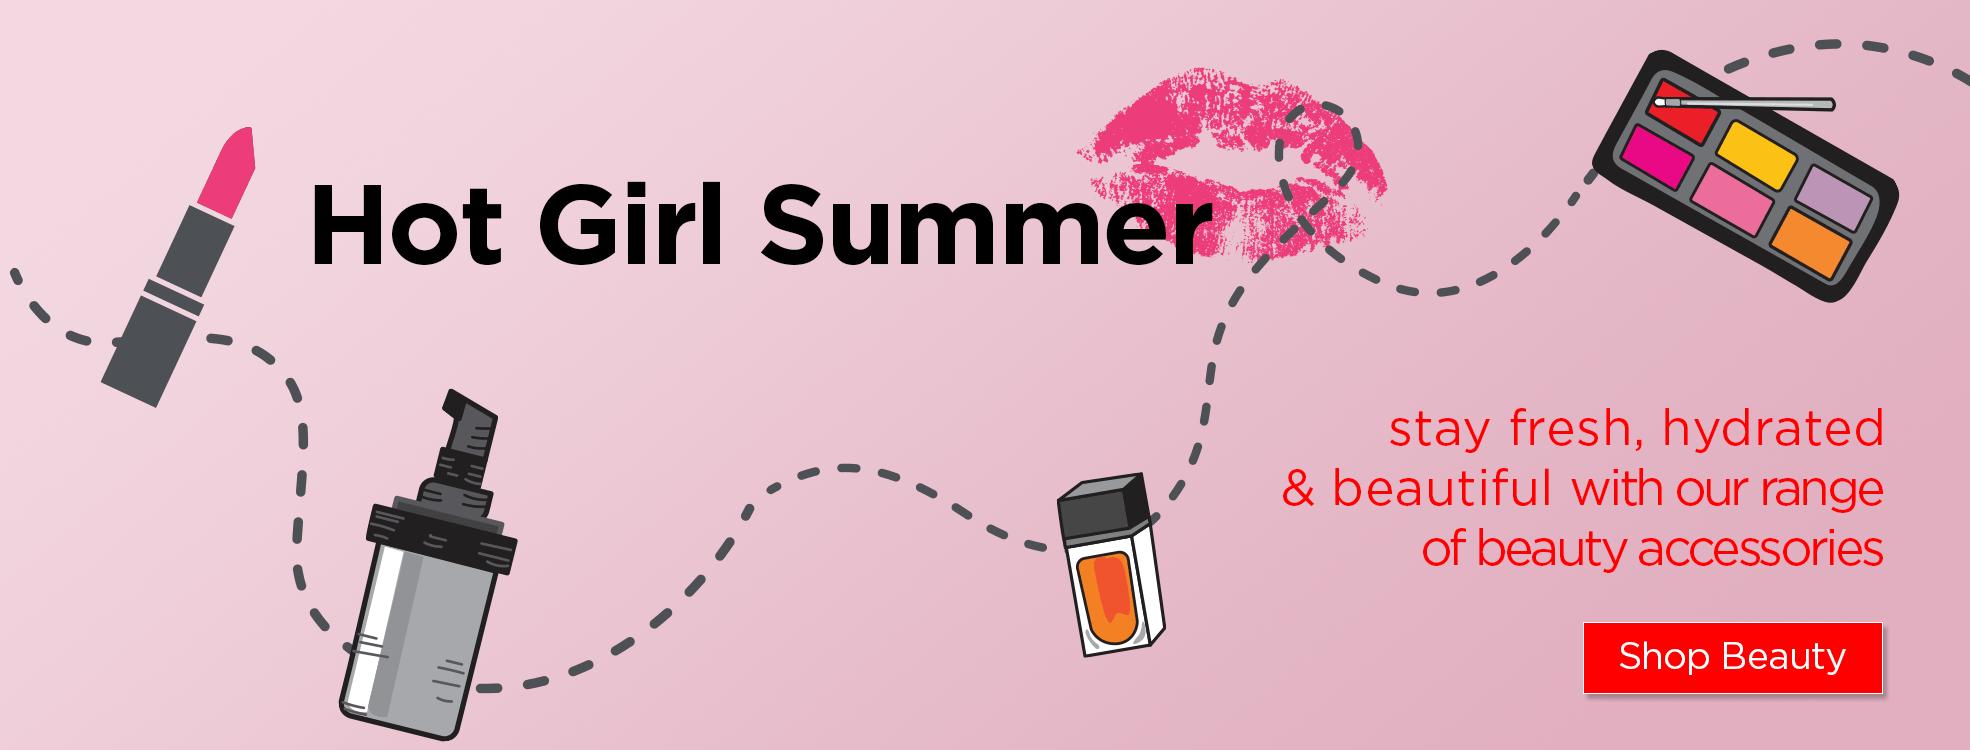 Hot Girl Summer - beauty accessories